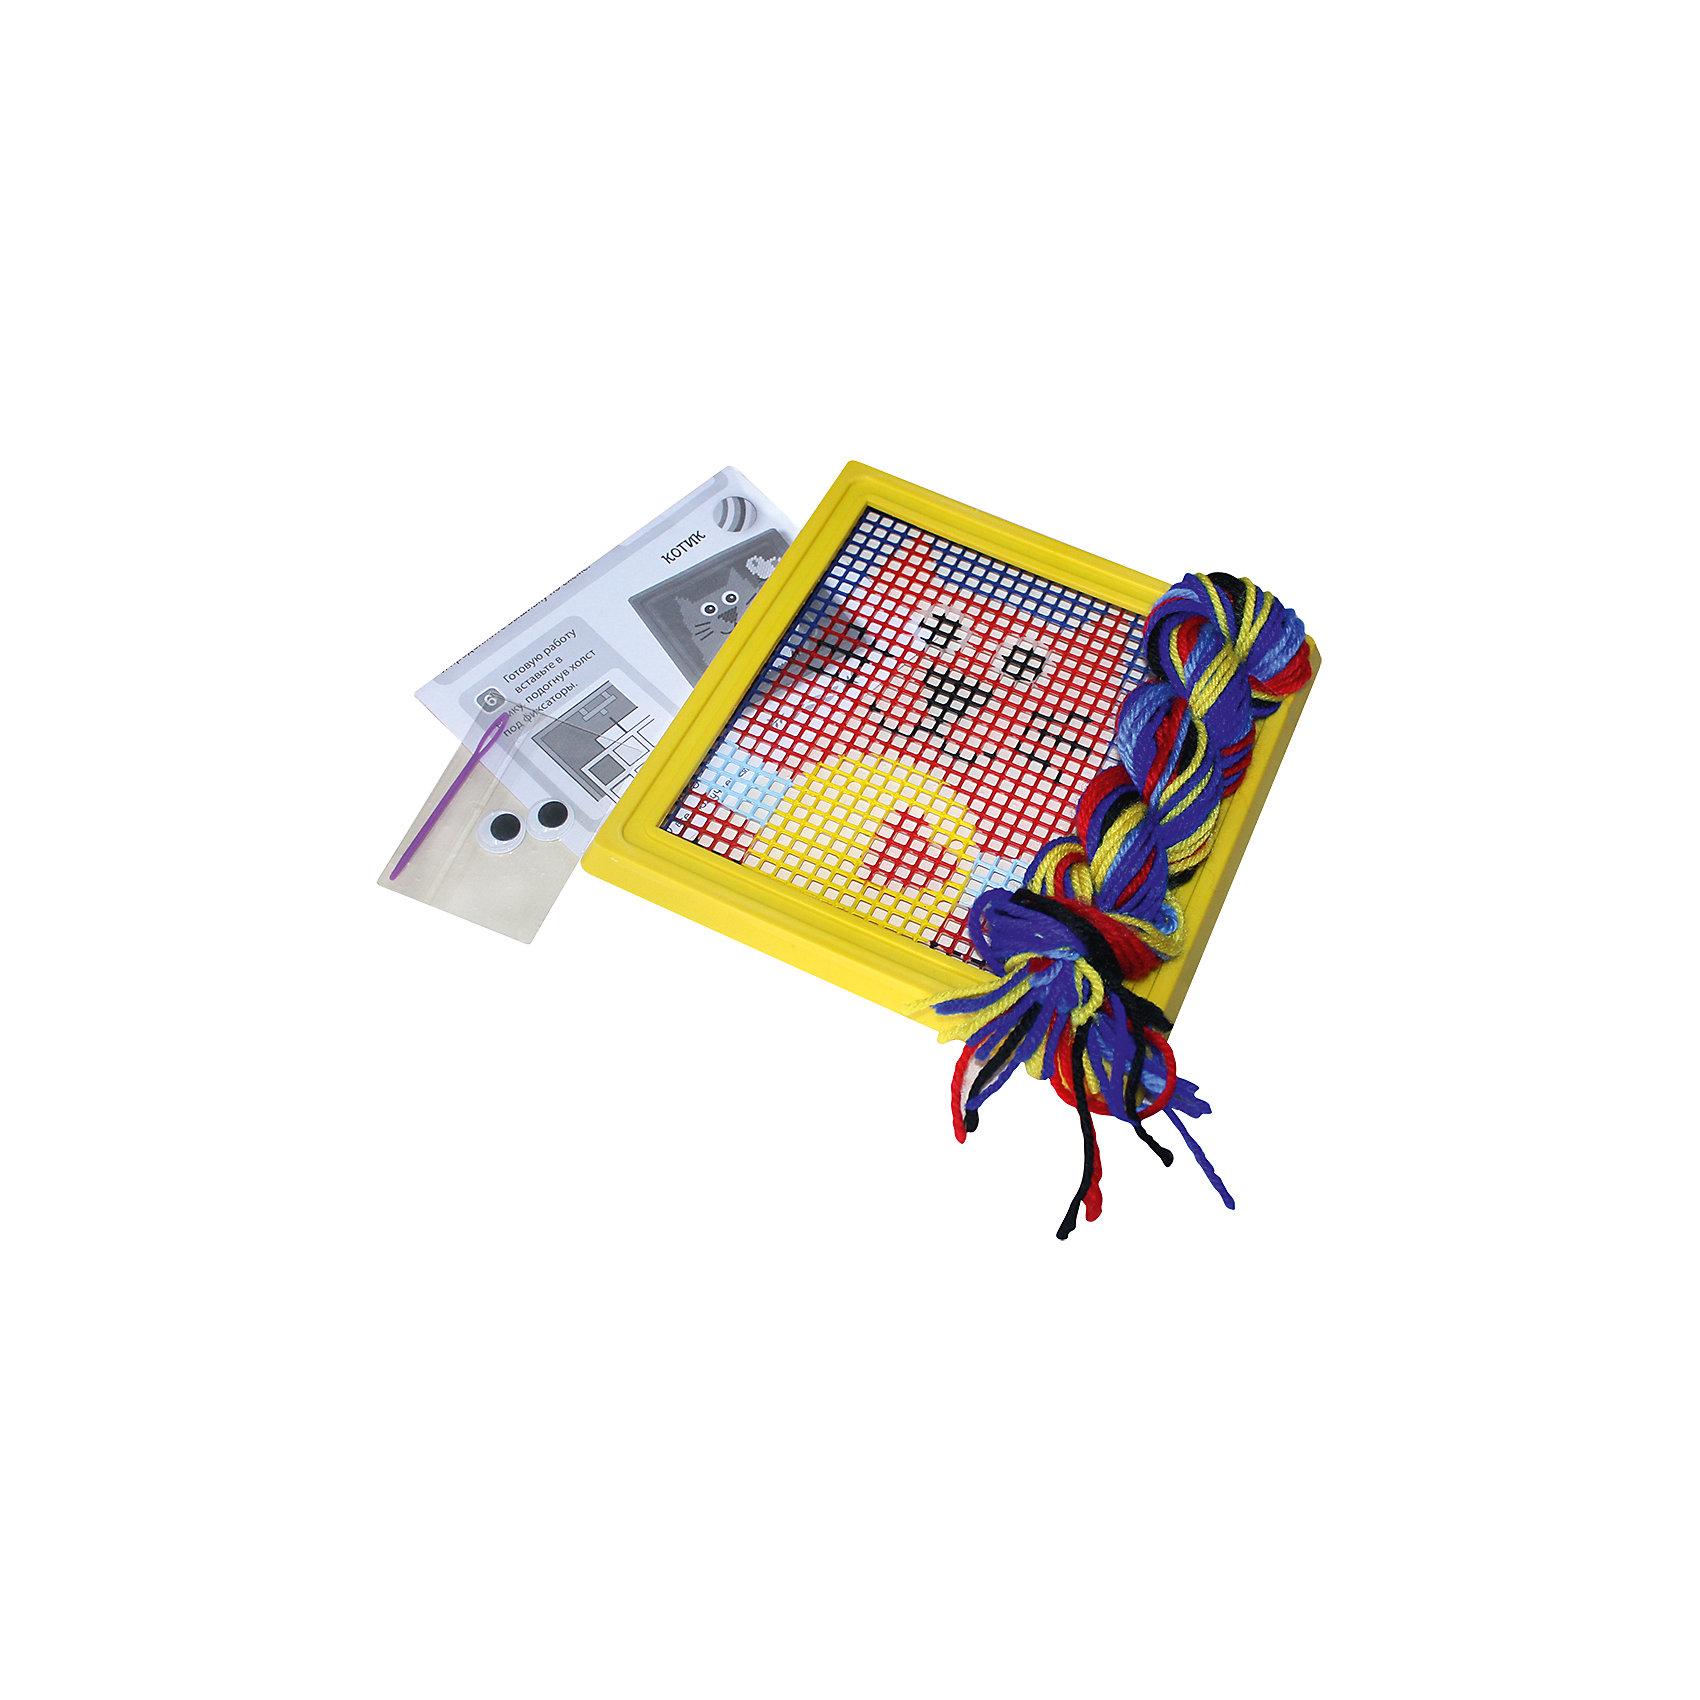 Набор для вышивания Котик, КРЕАТТОНабор для вышивания по пластиковой канве «Котик» - это простое и безопасное средство научить юную мастерицу вышивать. Сначала нужно выбрать из мотка 2 нити того цвета, которым окрашен верхний левый угол канвы, вдеть их в пластиковую безопасную иголку, закрепить в указанном ранее месте и выполнять стежки горизонтальными рядами слева направо, двигаясь по канве сверху вниз. Подробная инструкция в картинках, продуманная комплектация набора и идеально подобранные цвета нитей помогут вашей маленькой рукодельнице создать очаровательную картинку. Готовую вышивку поместите в рамочку, входящую в комплект, и поставьте ее на видное место. Малышка будет сиять от восторга, видя, как все любуются ее поделкой.&#13;<br>В наборе для вышивания «Котик» ТМ «Креатто» 6 предметов: пластиковая канва (16,5х16,5) с нанесенным рисунком, пластиковая рамка для картины, 8 цветов шерстяных ниток (20 м), пластиковая иголка, пластиковые вращающиеся глазки с клеевым слоем, инструкция. Товар сертифицирован.<br><br>Ширина мм: 210<br>Глубина мм: 185<br>Высота мм: 30<br>Вес г: 120<br>Возраст от месяцев: 60<br>Возраст до месяцев: 108<br>Пол: Унисекс<br>Возраст: Детский<br>SKU: 5076566